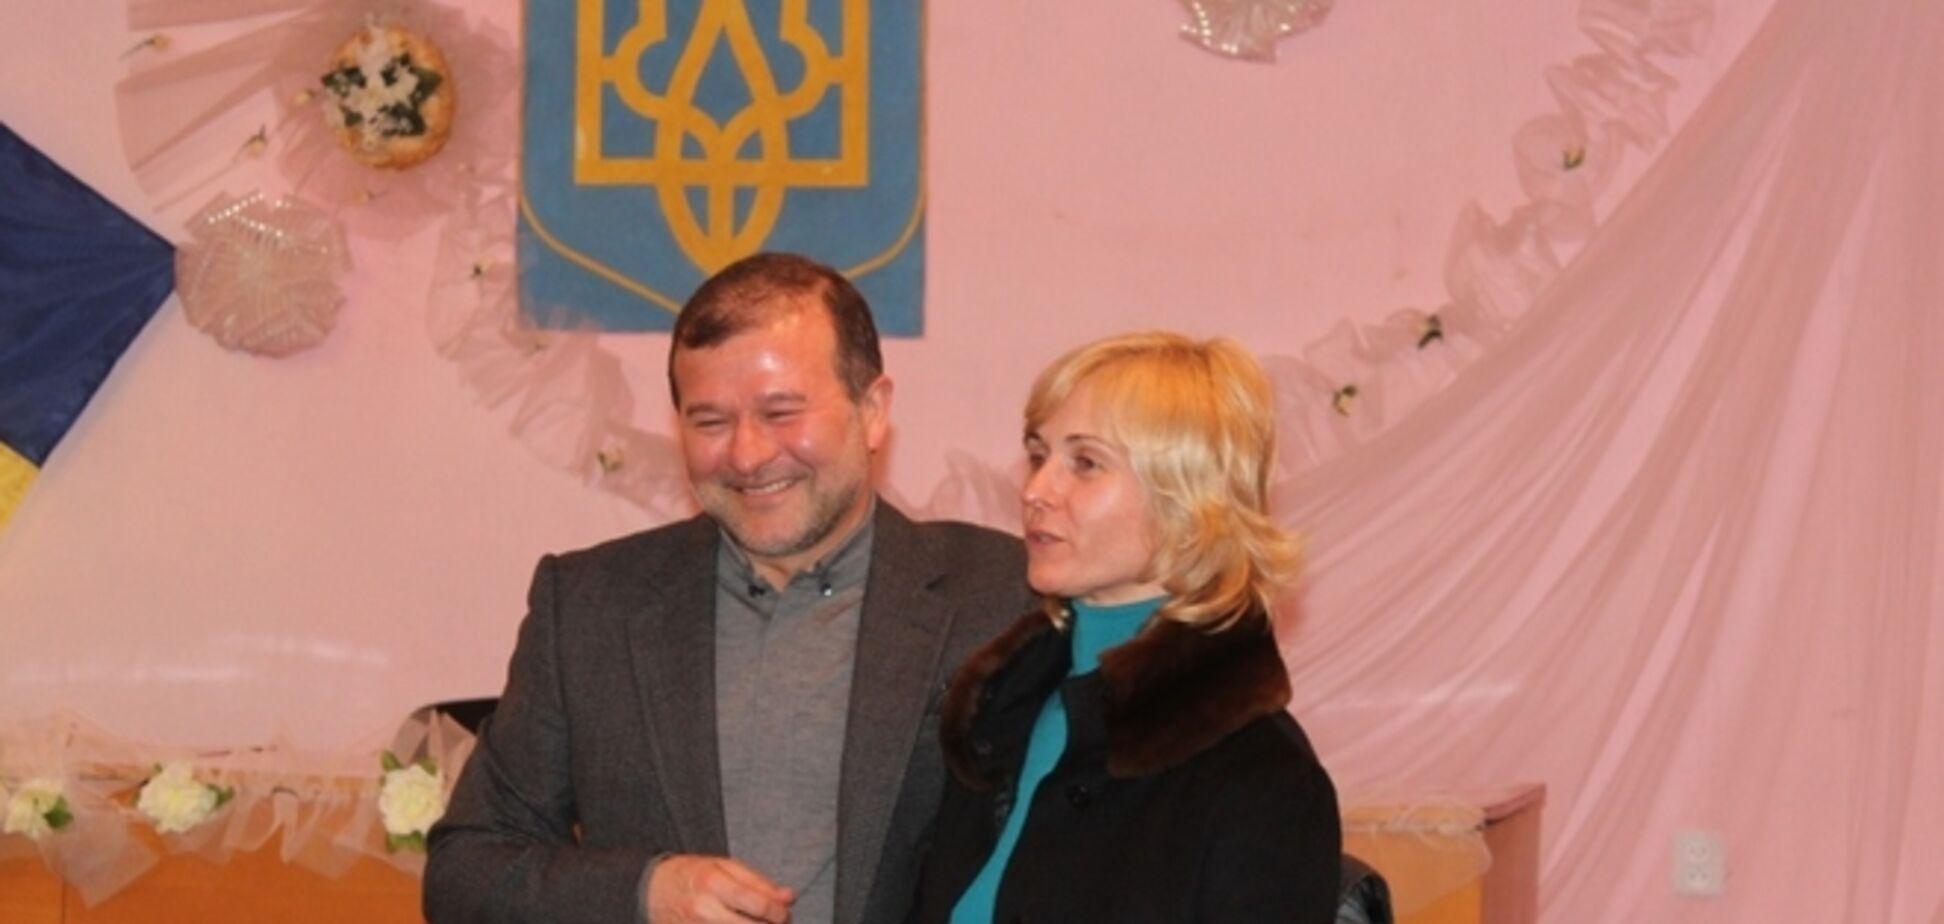 На Закарпатье местные жители пристыдили 'бездельника' Балогу с супругой